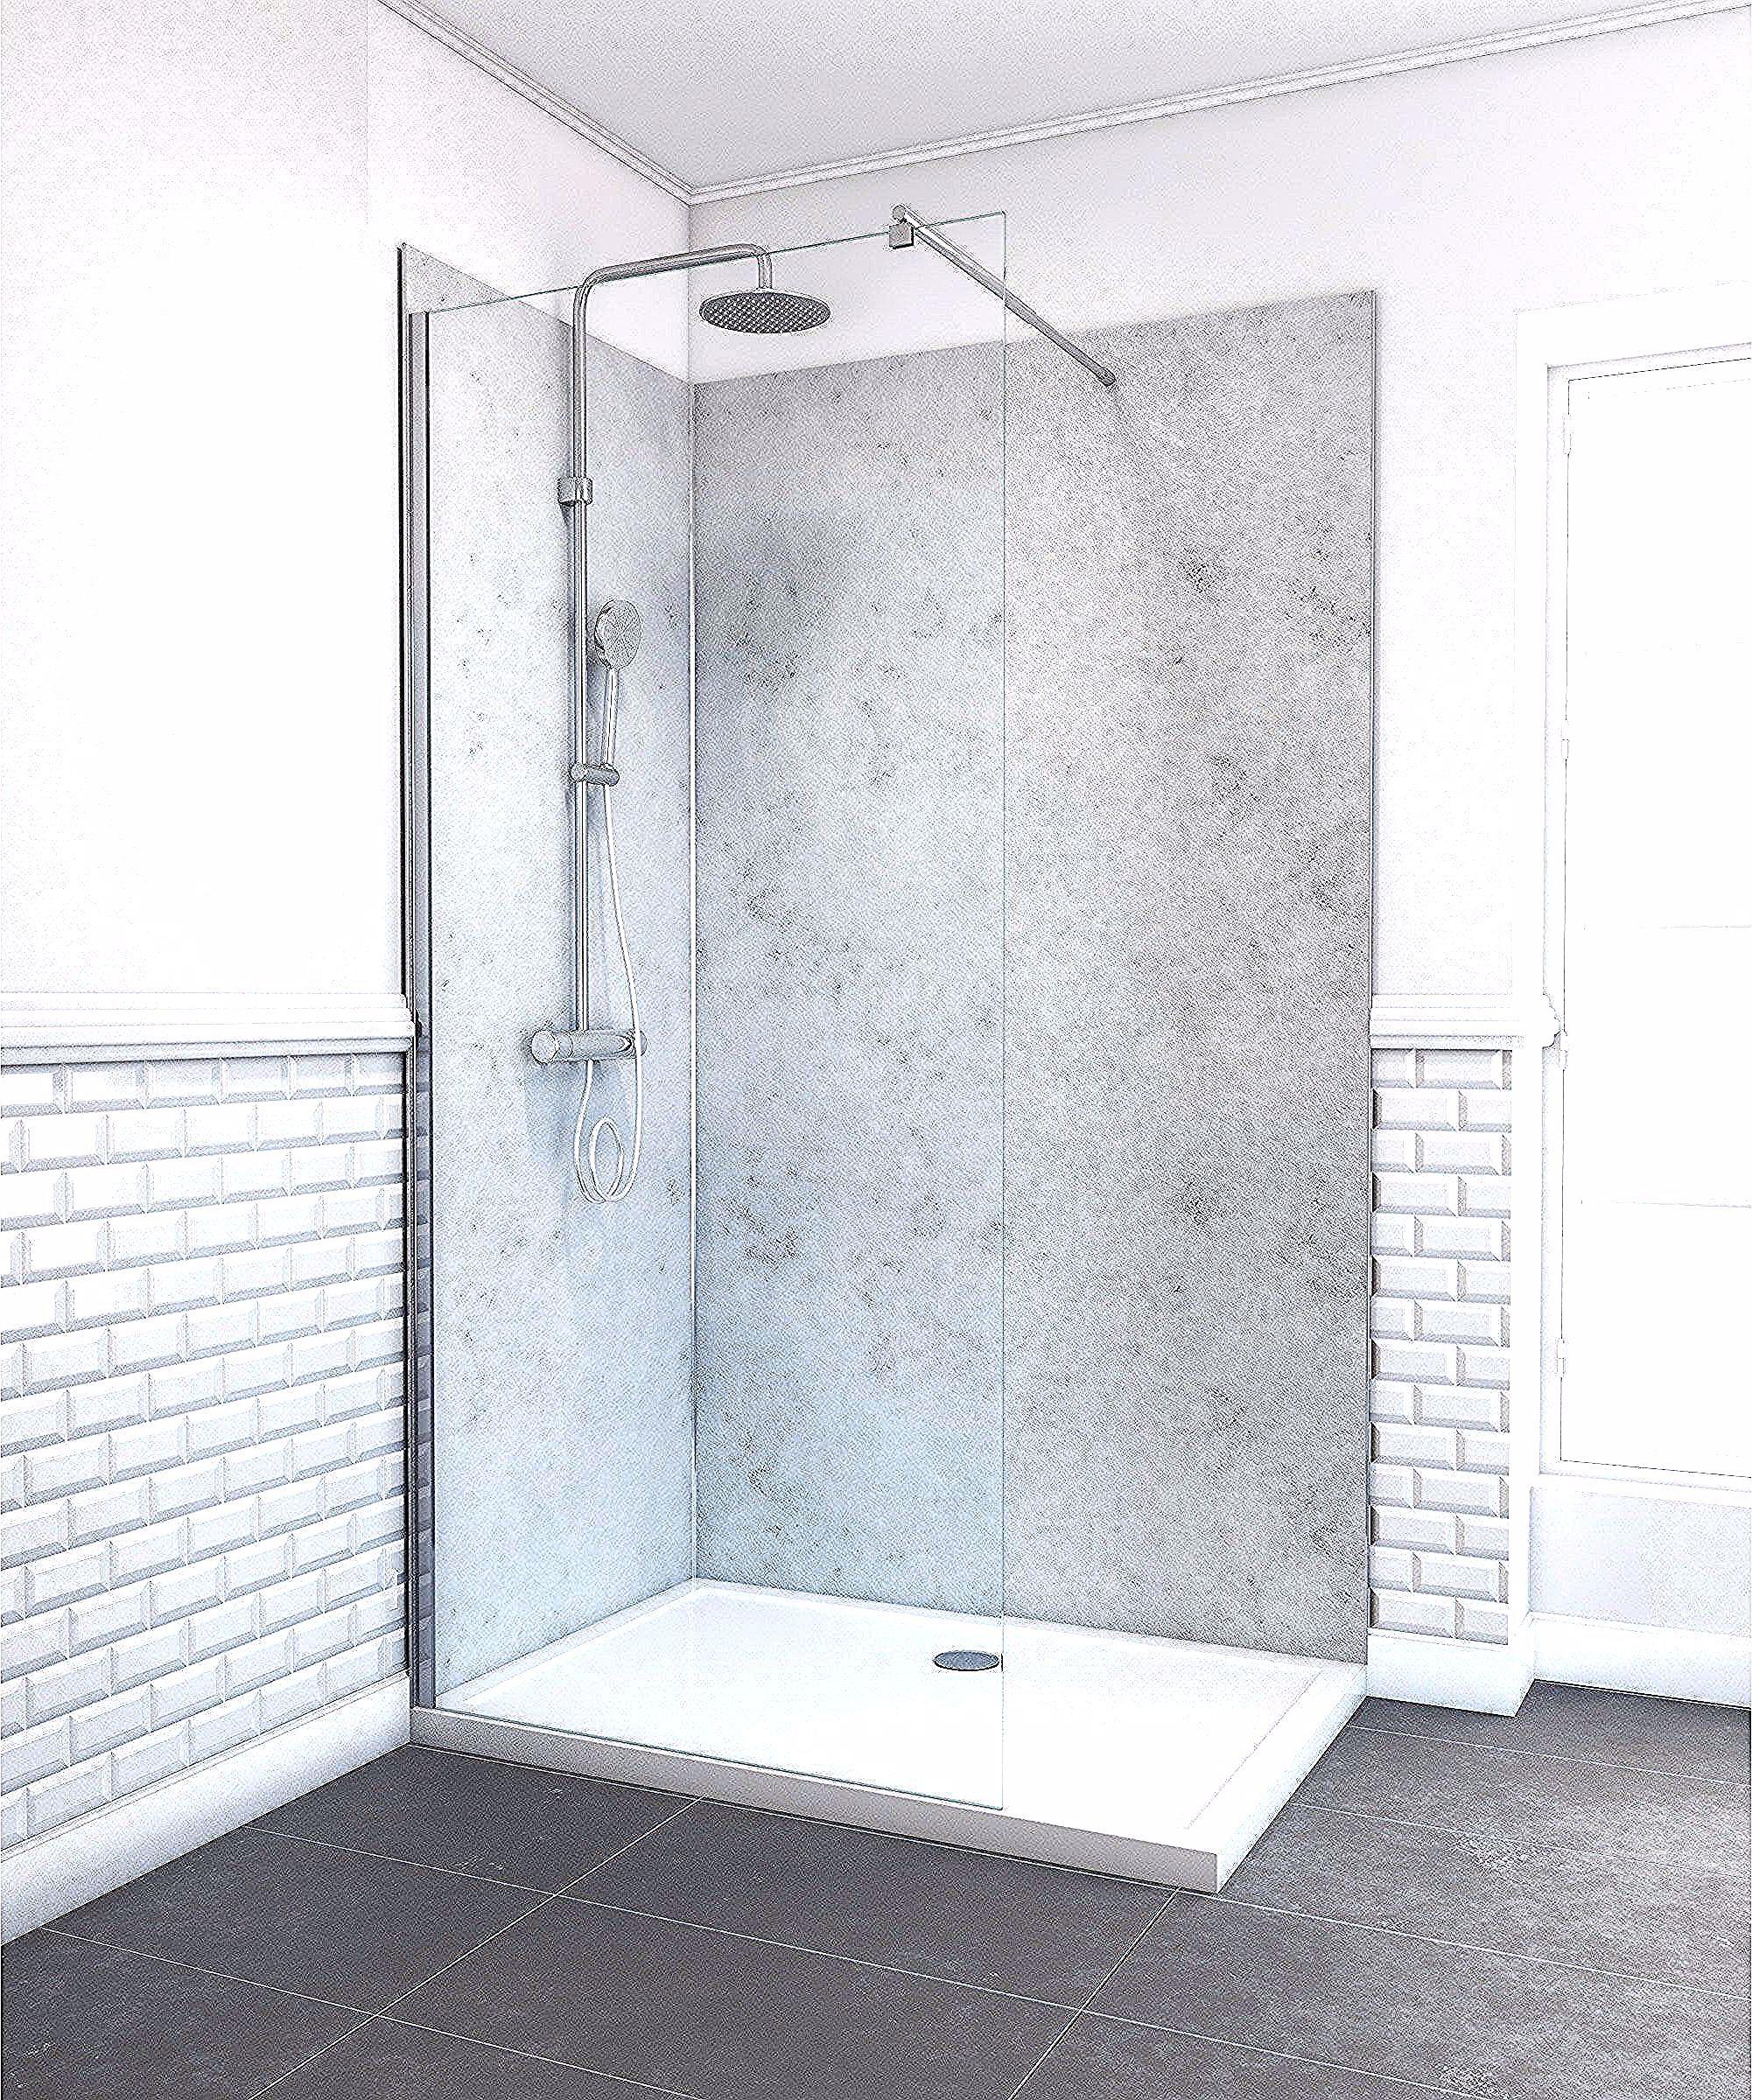 Panneau Mural Salle De Bain Gris Alucolor H 210 Cm X L 90 Cm Gris In 2020 Bathtub Alcove Bathtub Bathroom